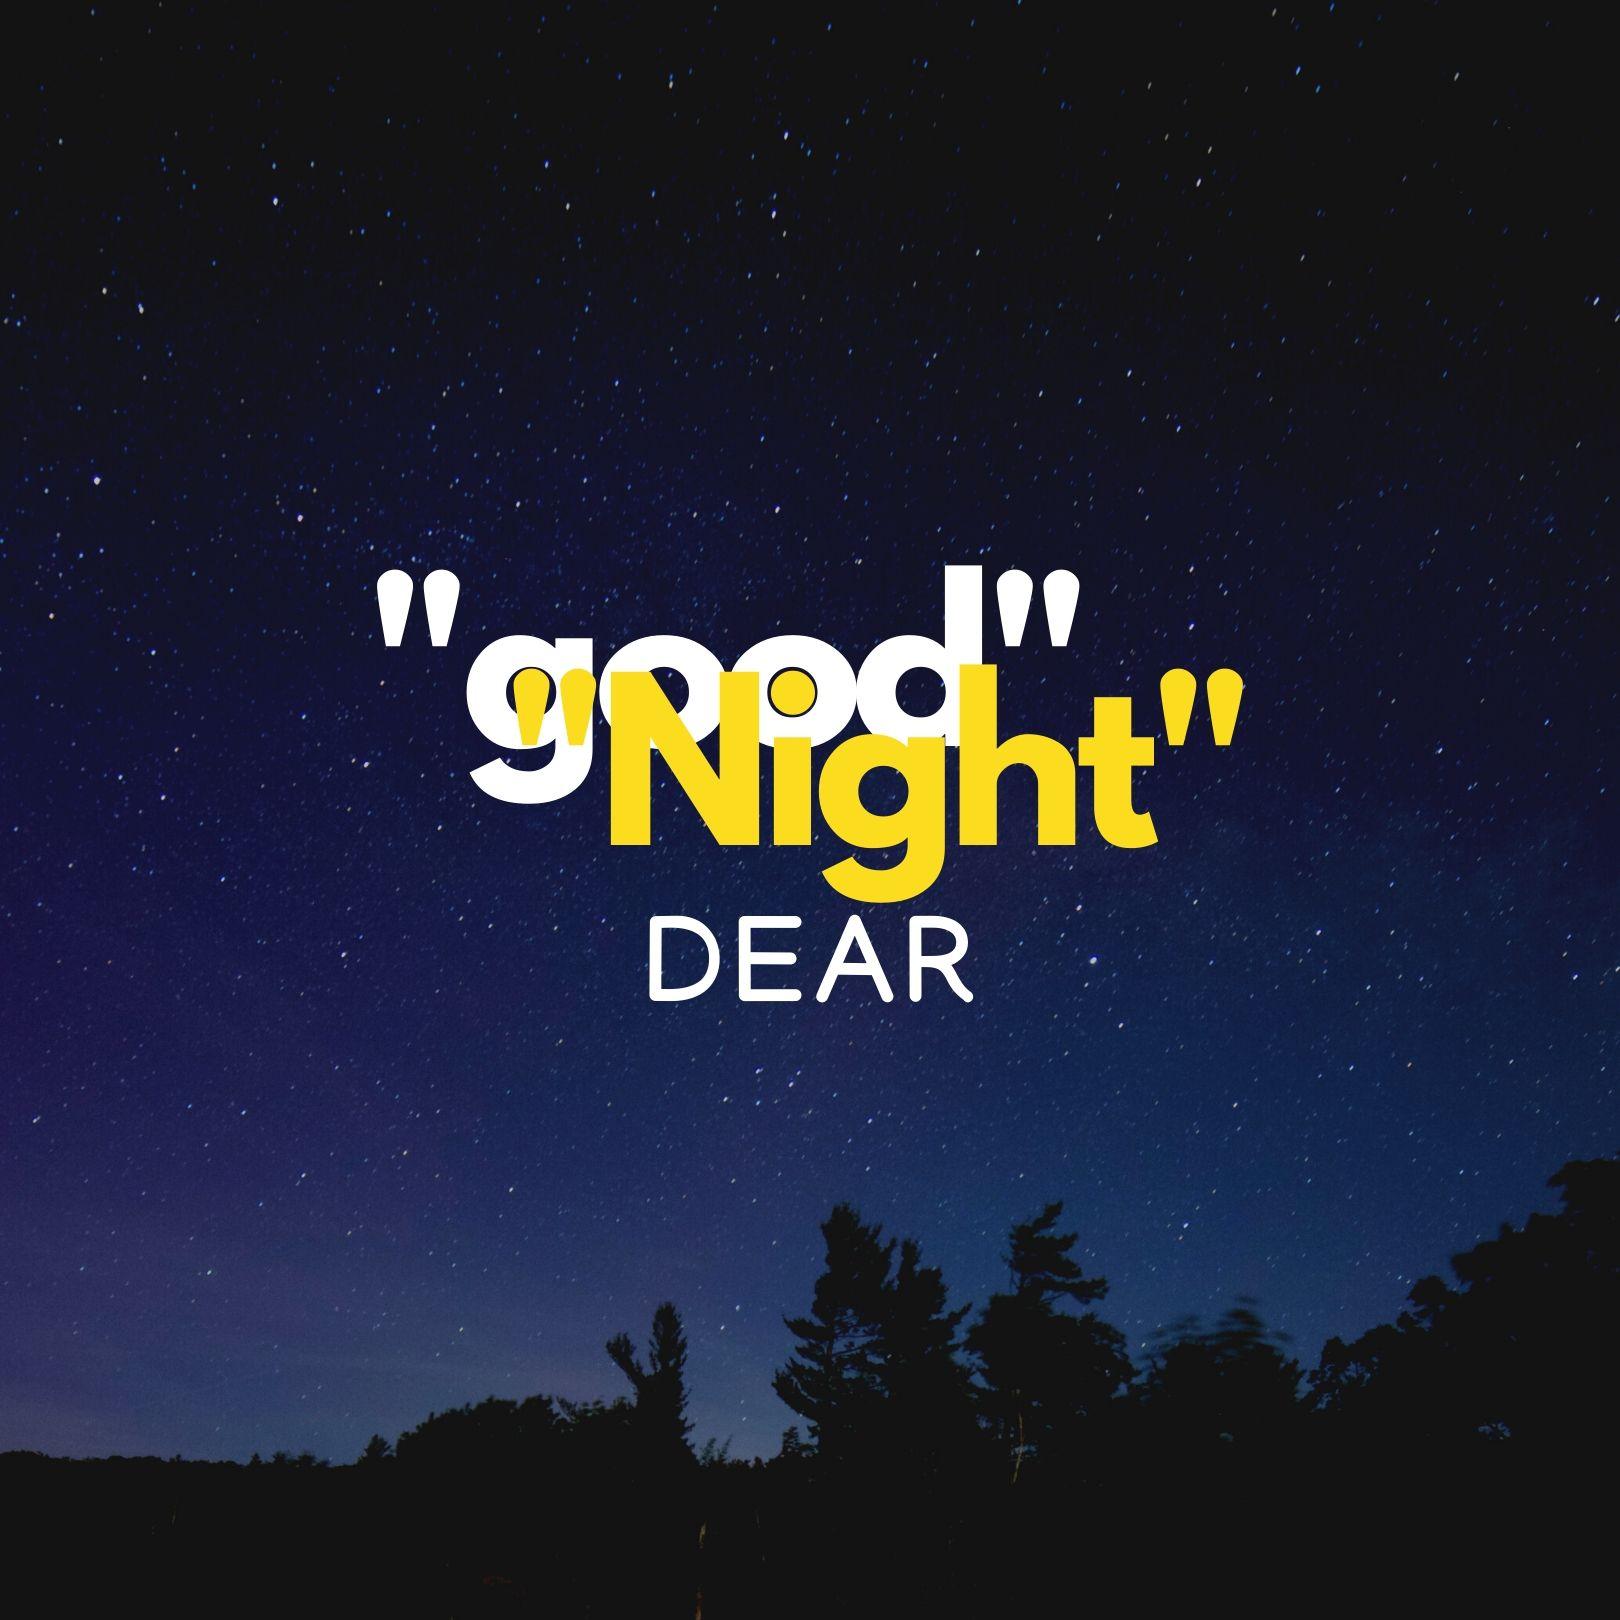 Good Night Dear pic hd full HD free download.